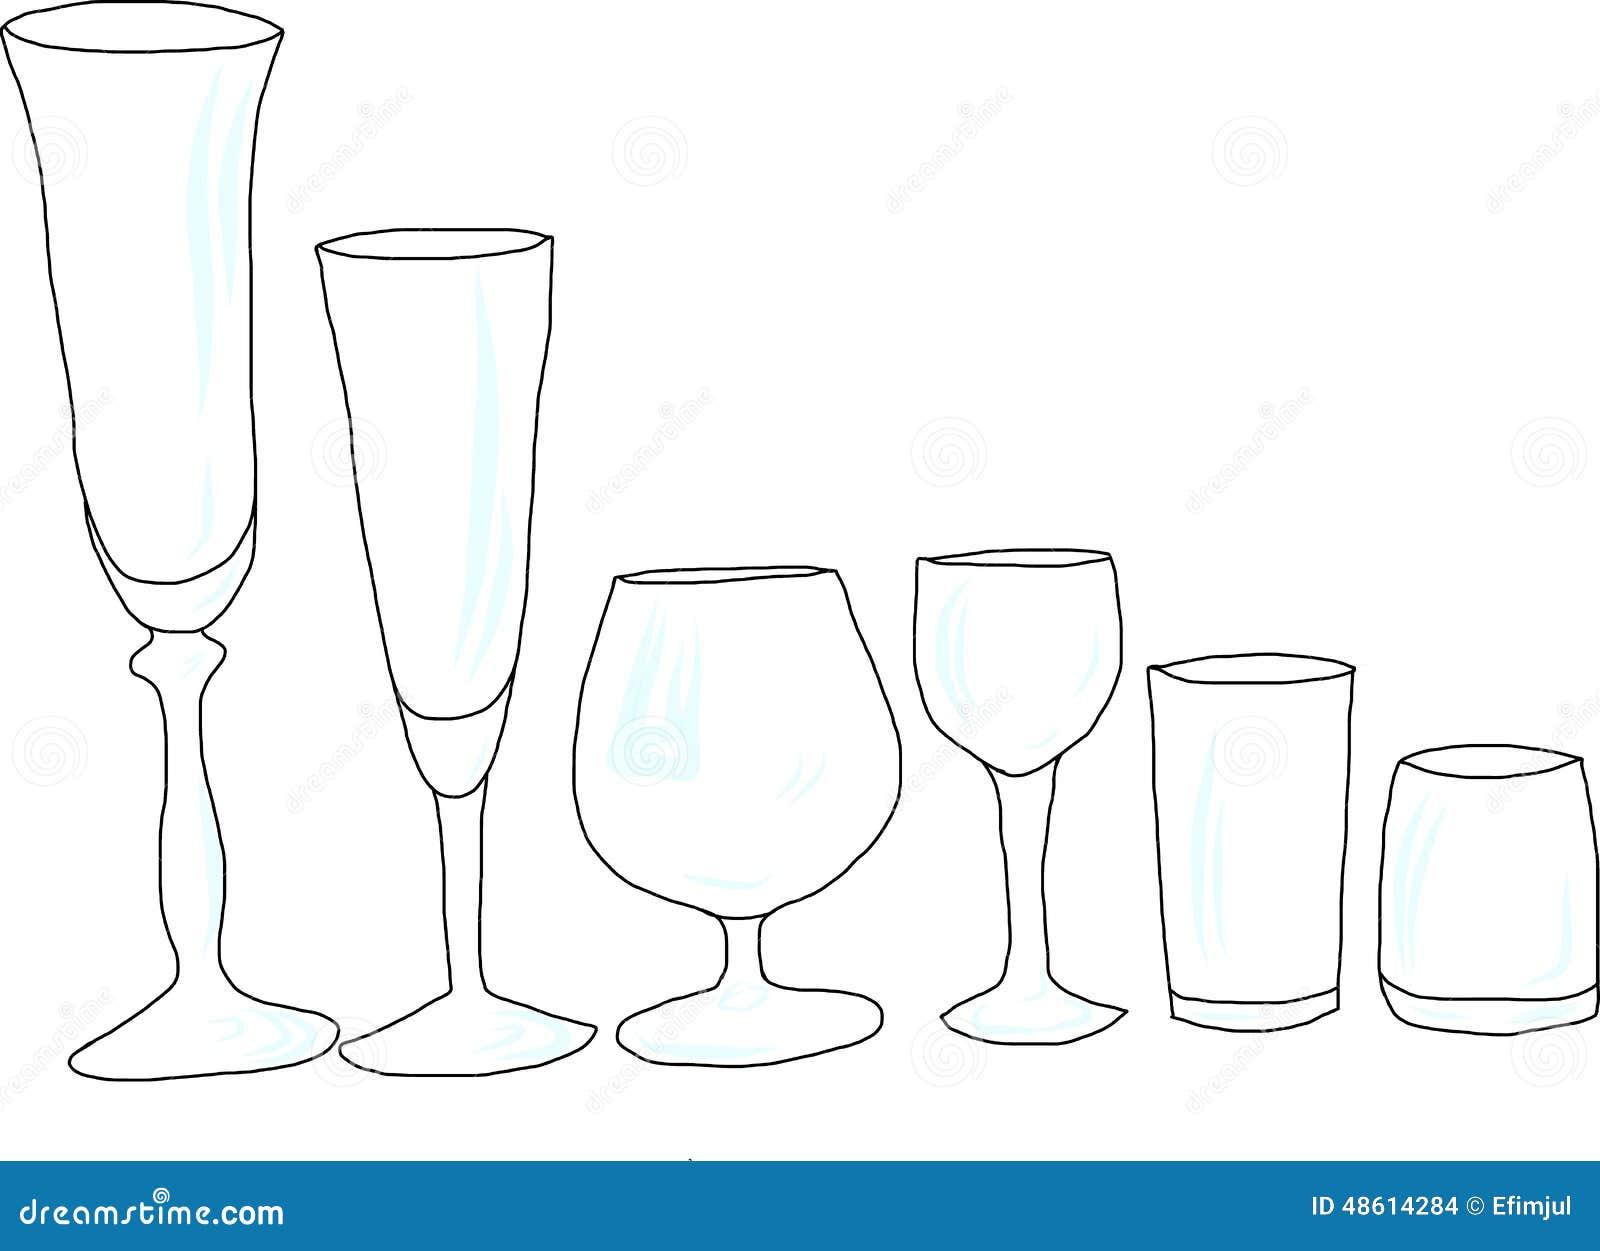 套与强光,剪影的酒杯.图片